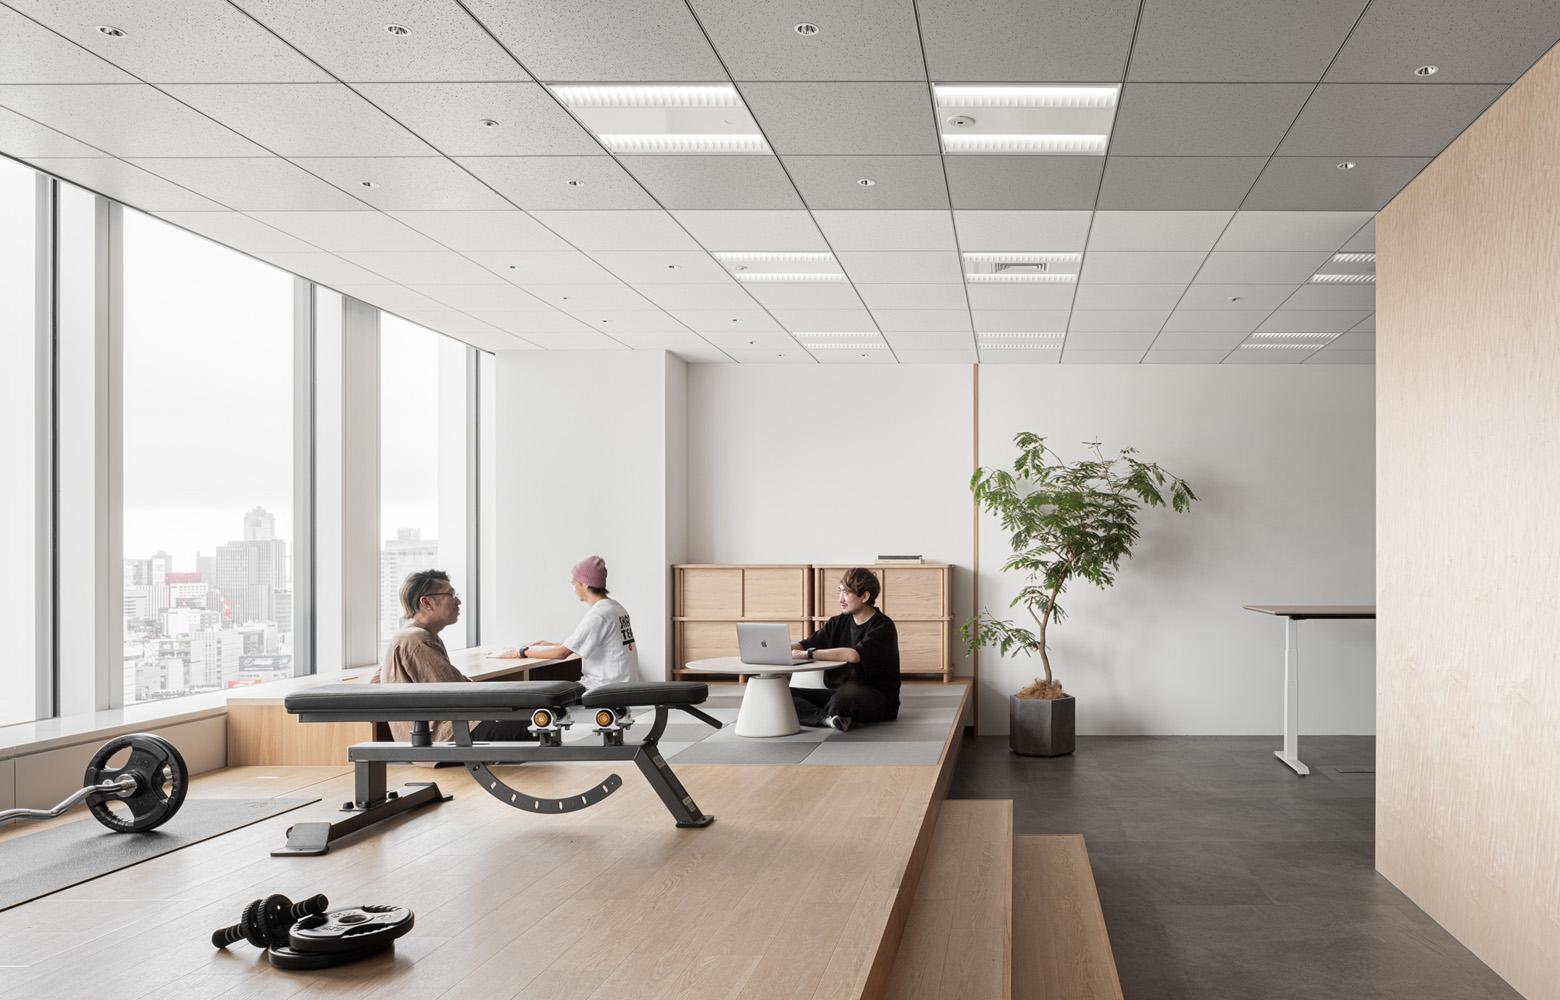 京未来株式会社フリースペース《リフレッシュ・多目的エリア》